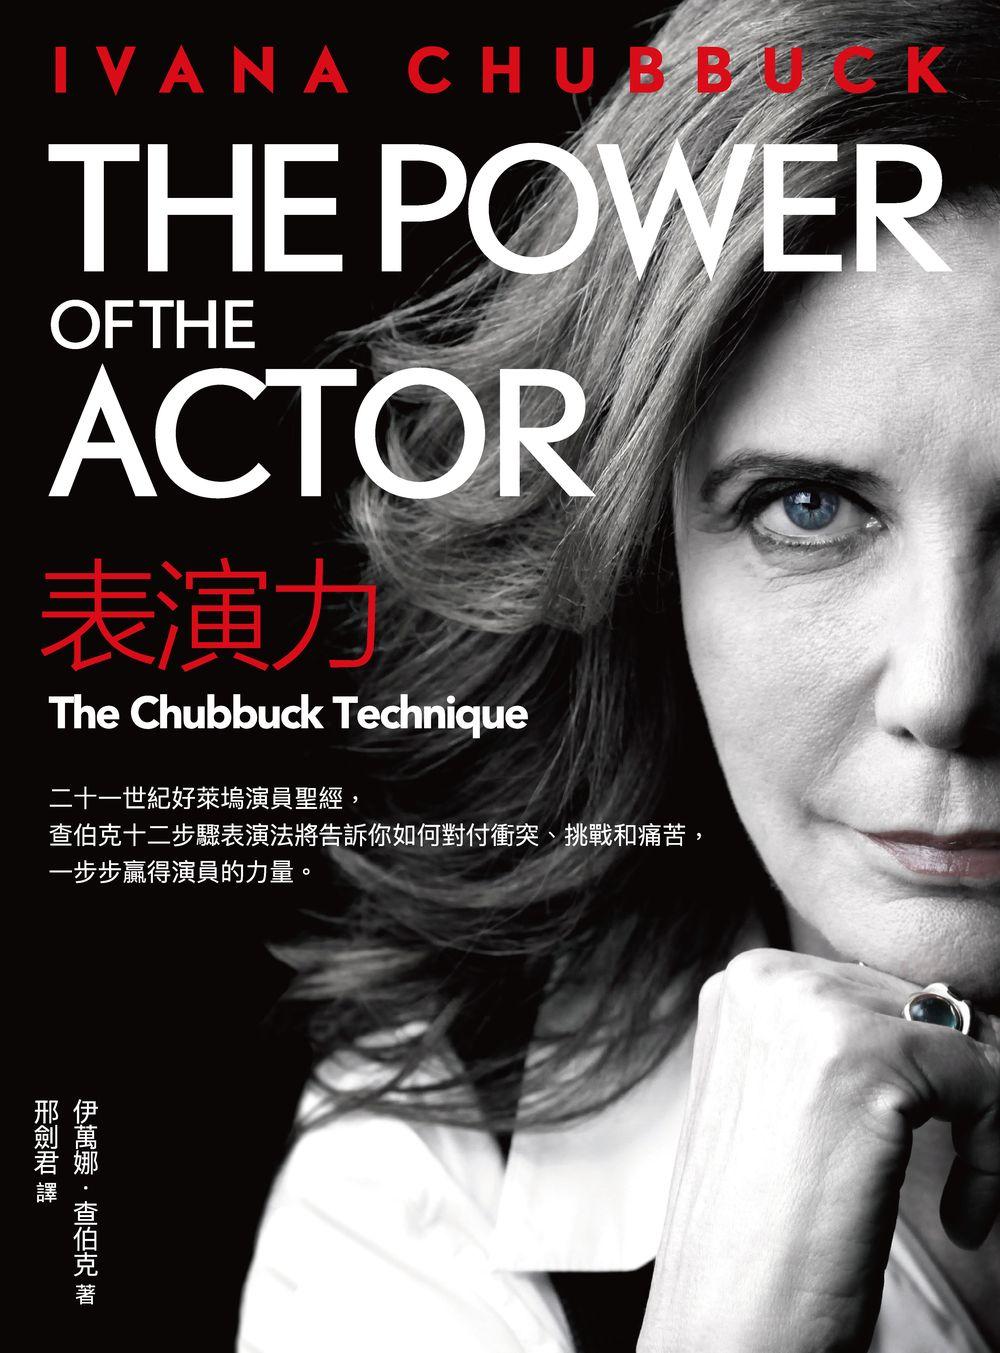 表演力:二十一世紀好萊塢演員聖經,查伯克十二步驟表演法將告訴你如何對付衝突、挑戰和痛苦,一步步贏得演員的力量。